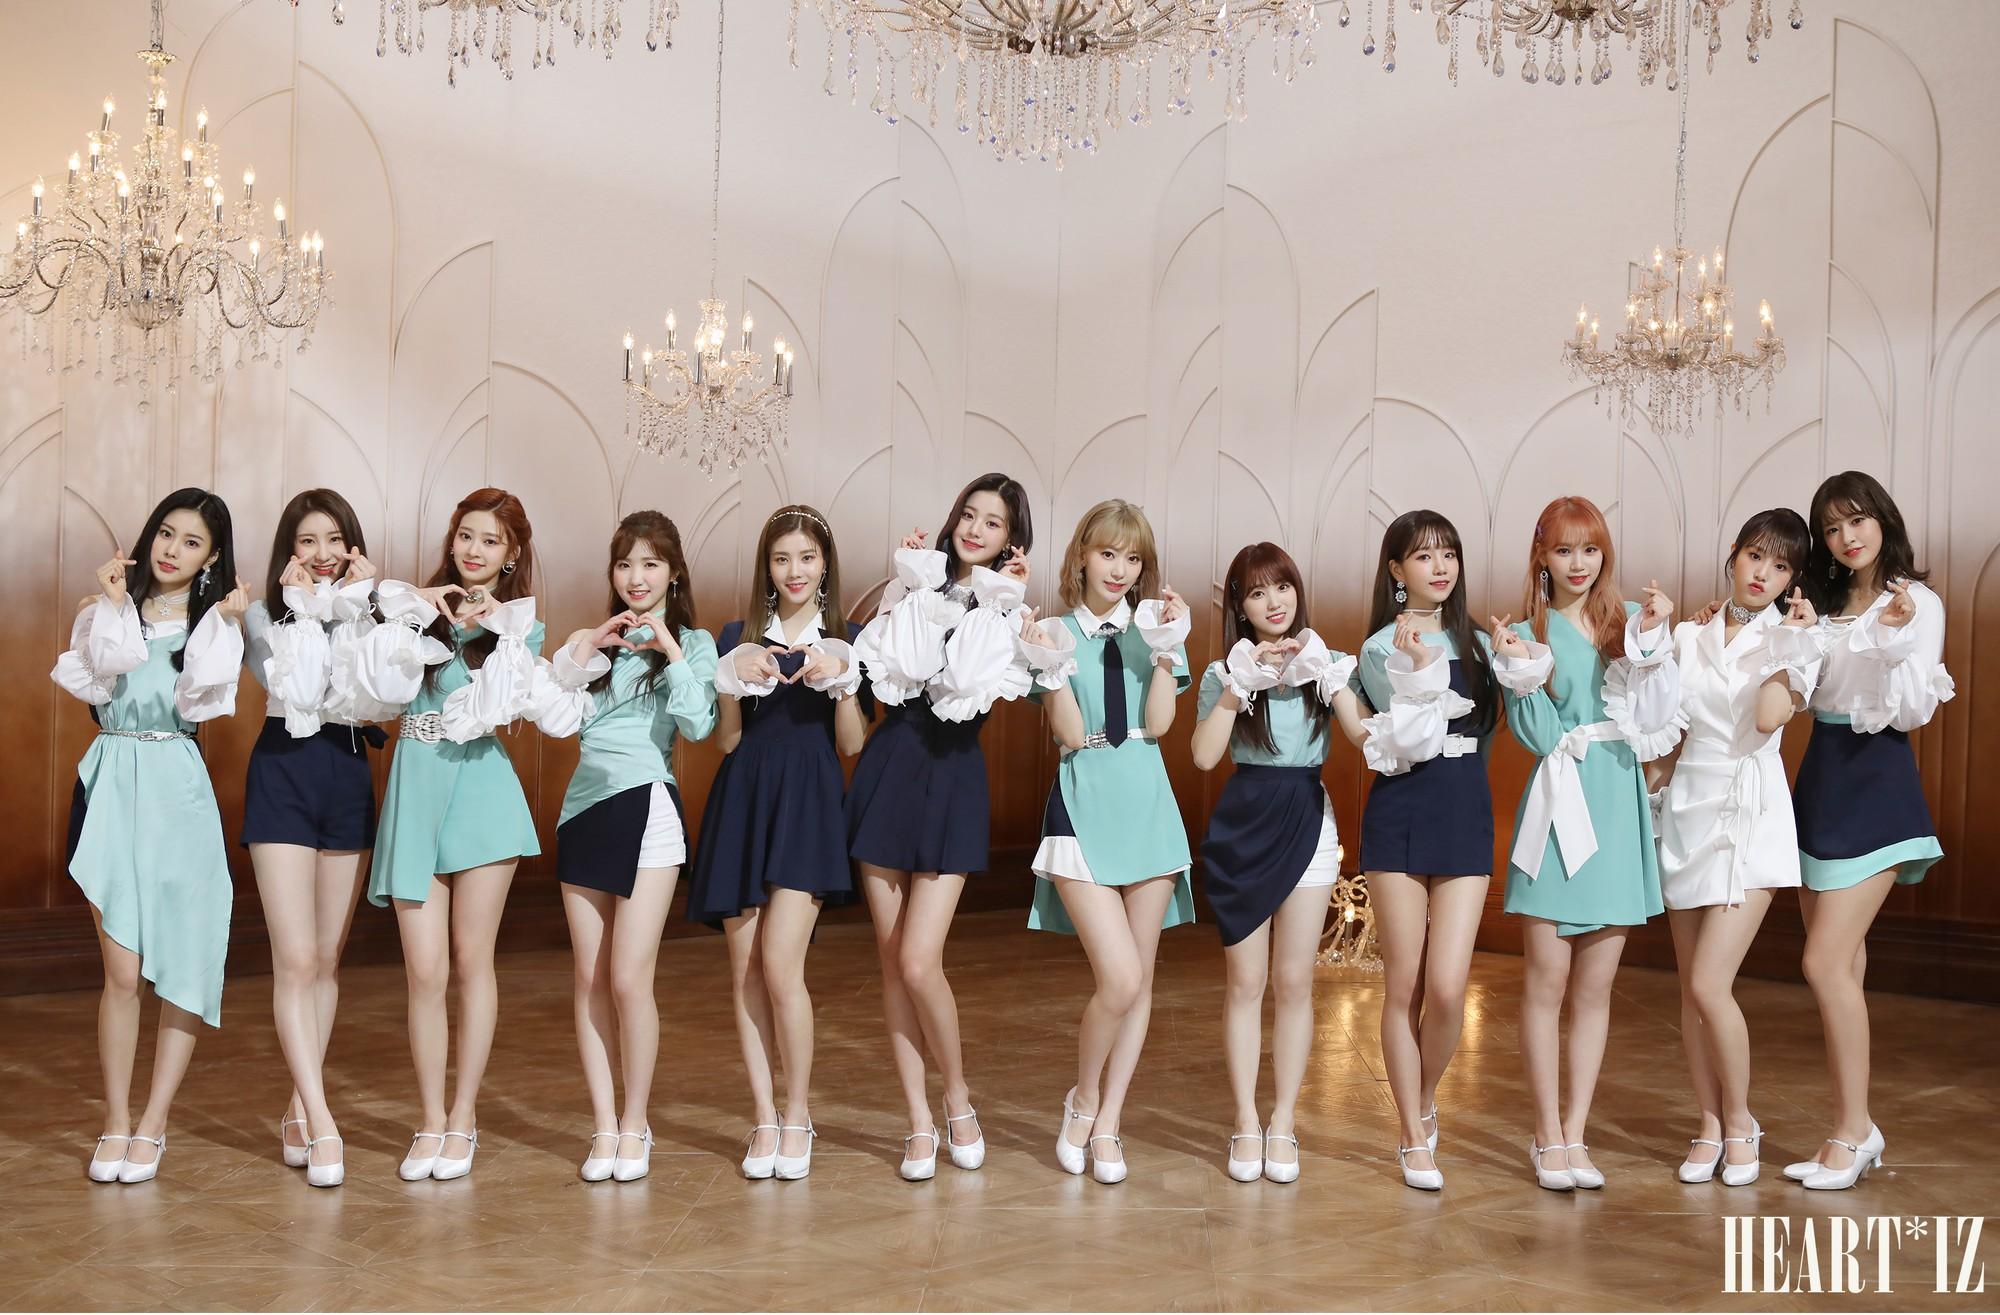 Netizen tò mò: 3 girlgroup Big3 đã thay nhau thống trị Kpop các năm từ 2016 đến 2018 thì 2019 này ai sẽ lên ngôi? - Ảnh 10.